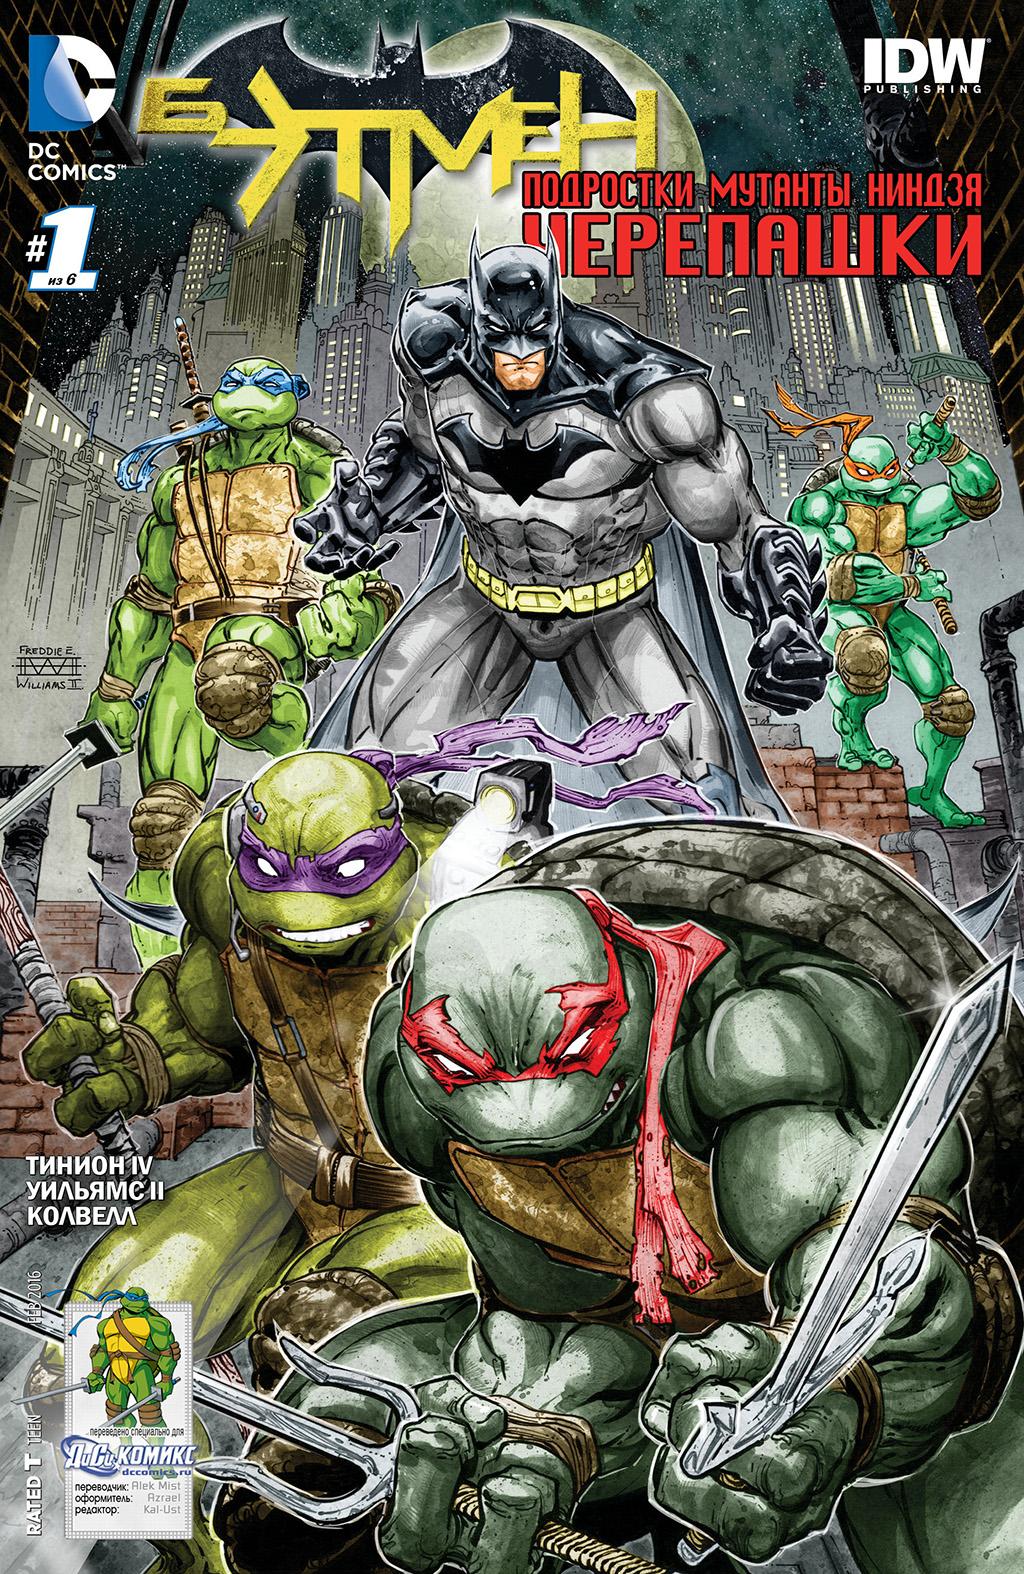 Бэтмен vs Черепашки Ниндзя: Рыцари в Панцирях - эпизод 1 @ Щипилявый Comix